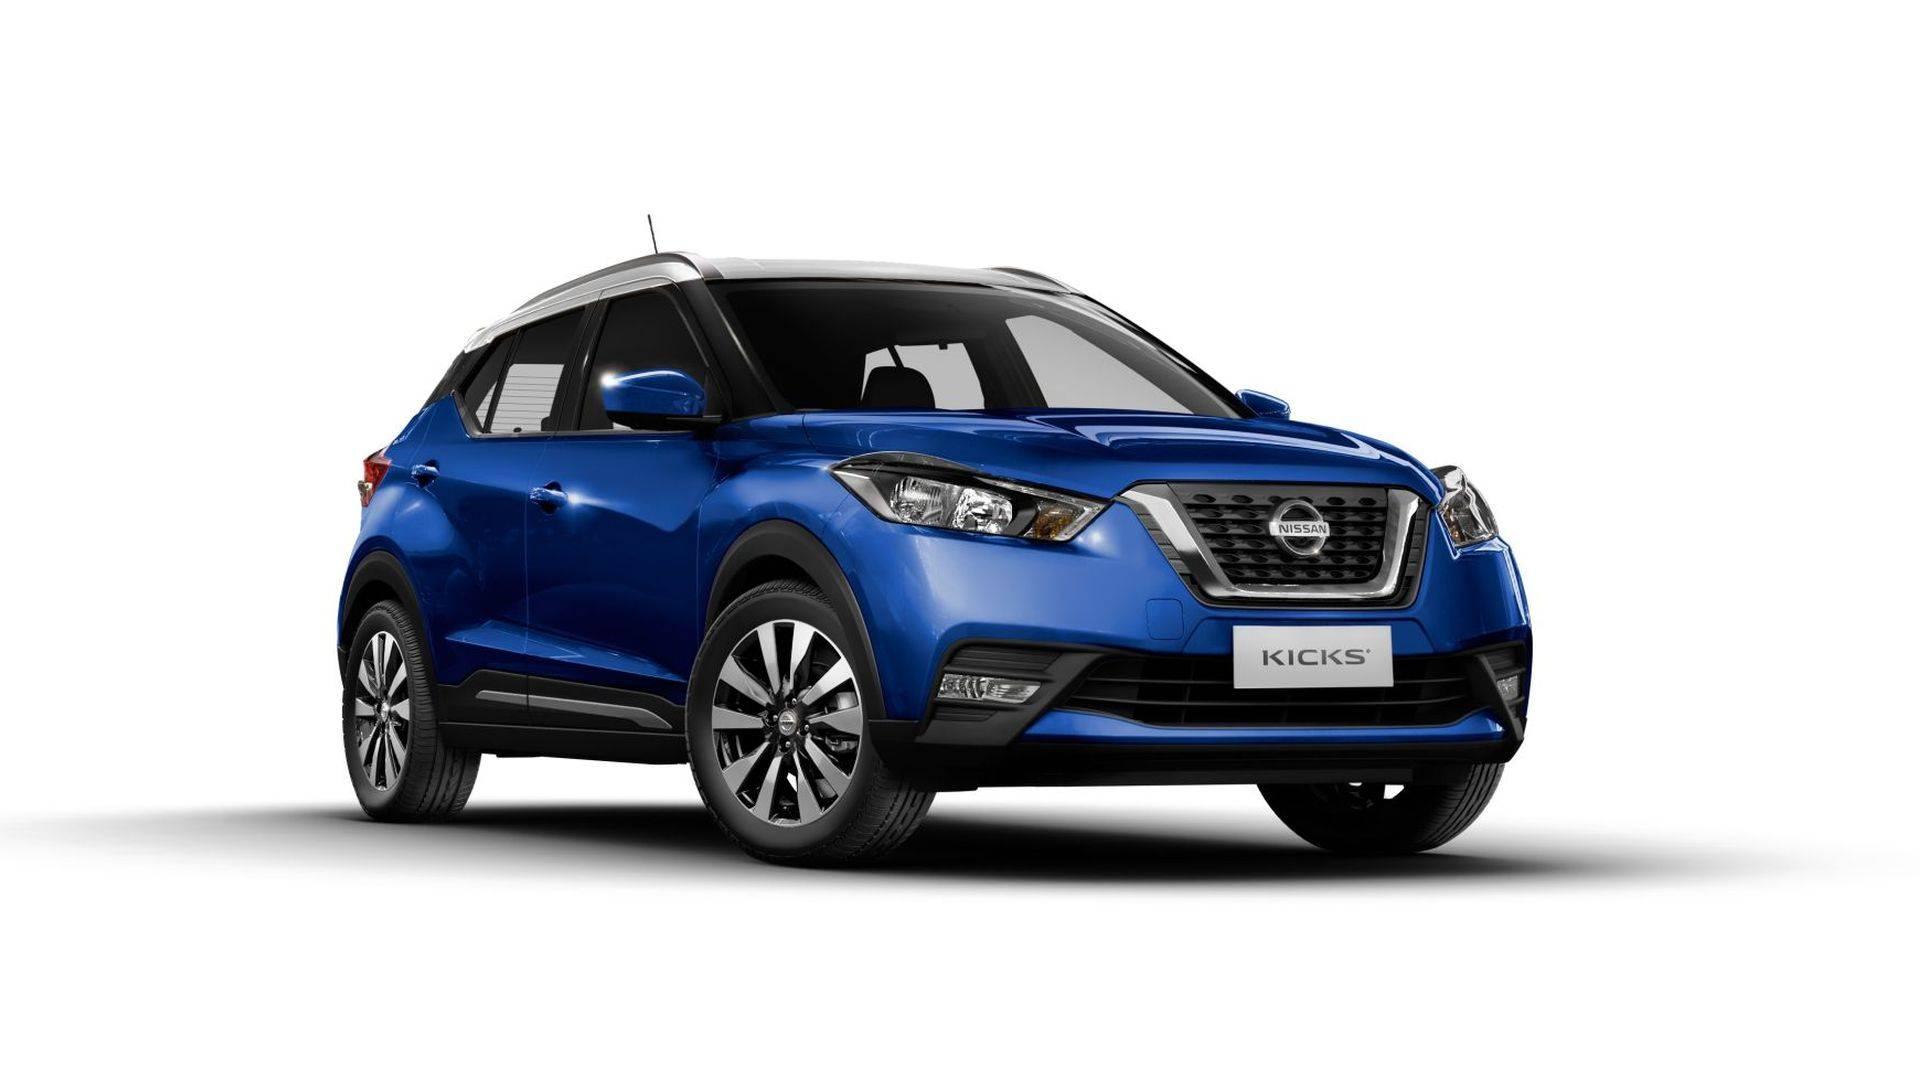 Una nueva edición especial del Nissan Kicks llega a México